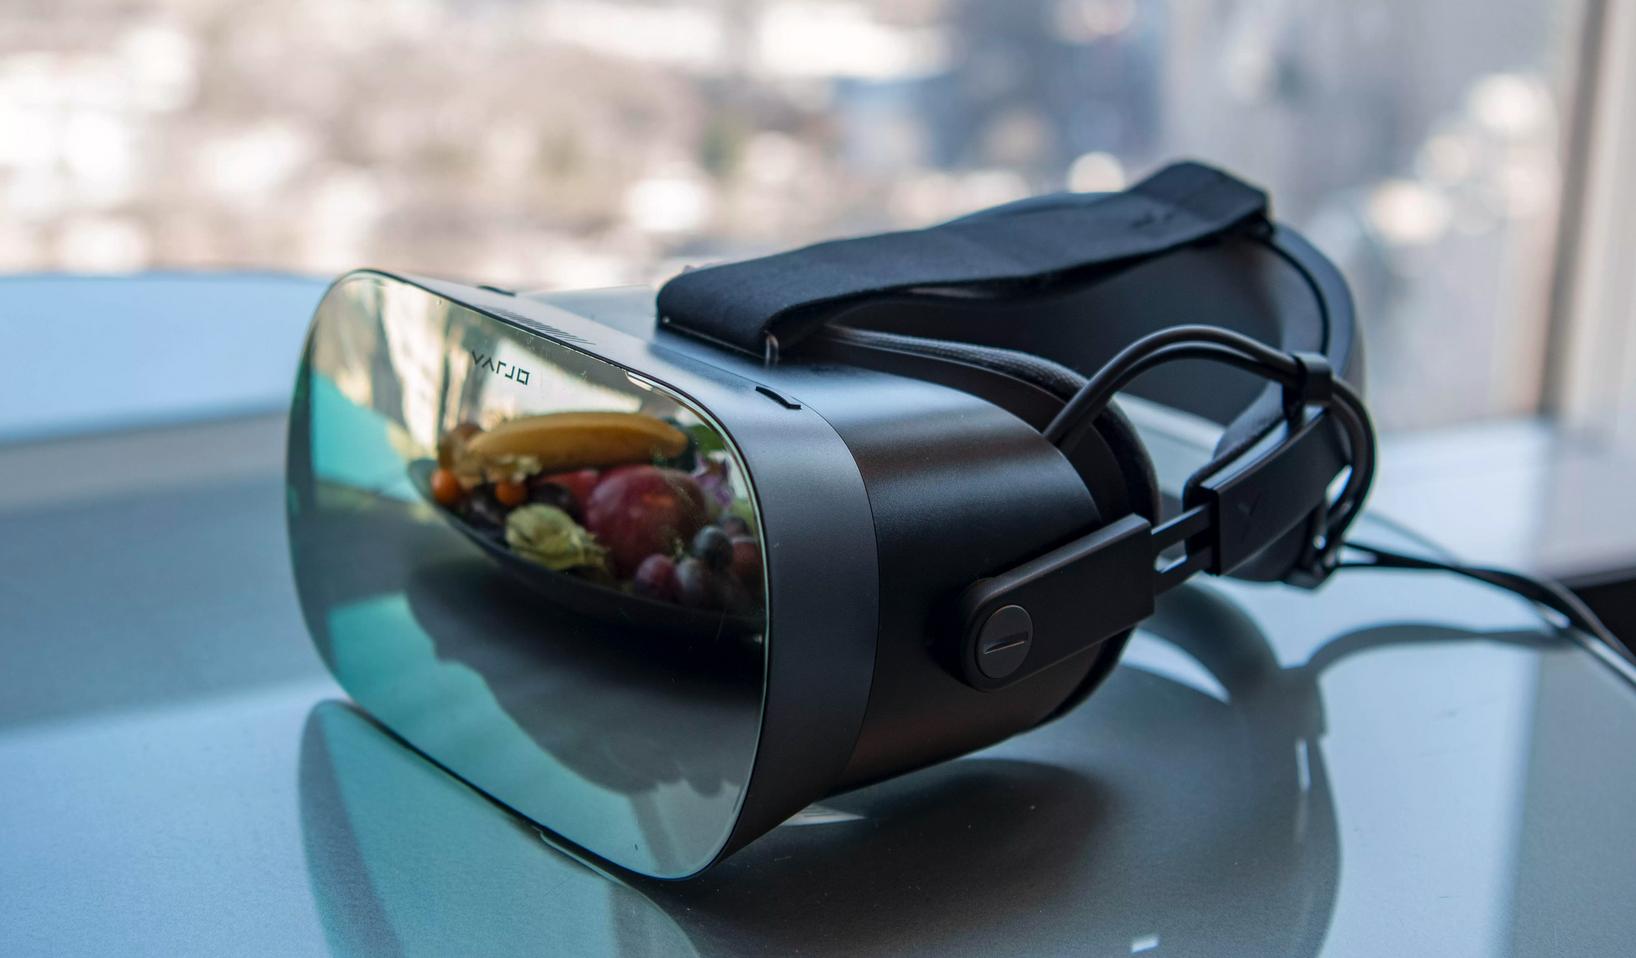 Встречаем Varjo VR-1 - шлем виртуальной реальности, сильно опередивший свое время